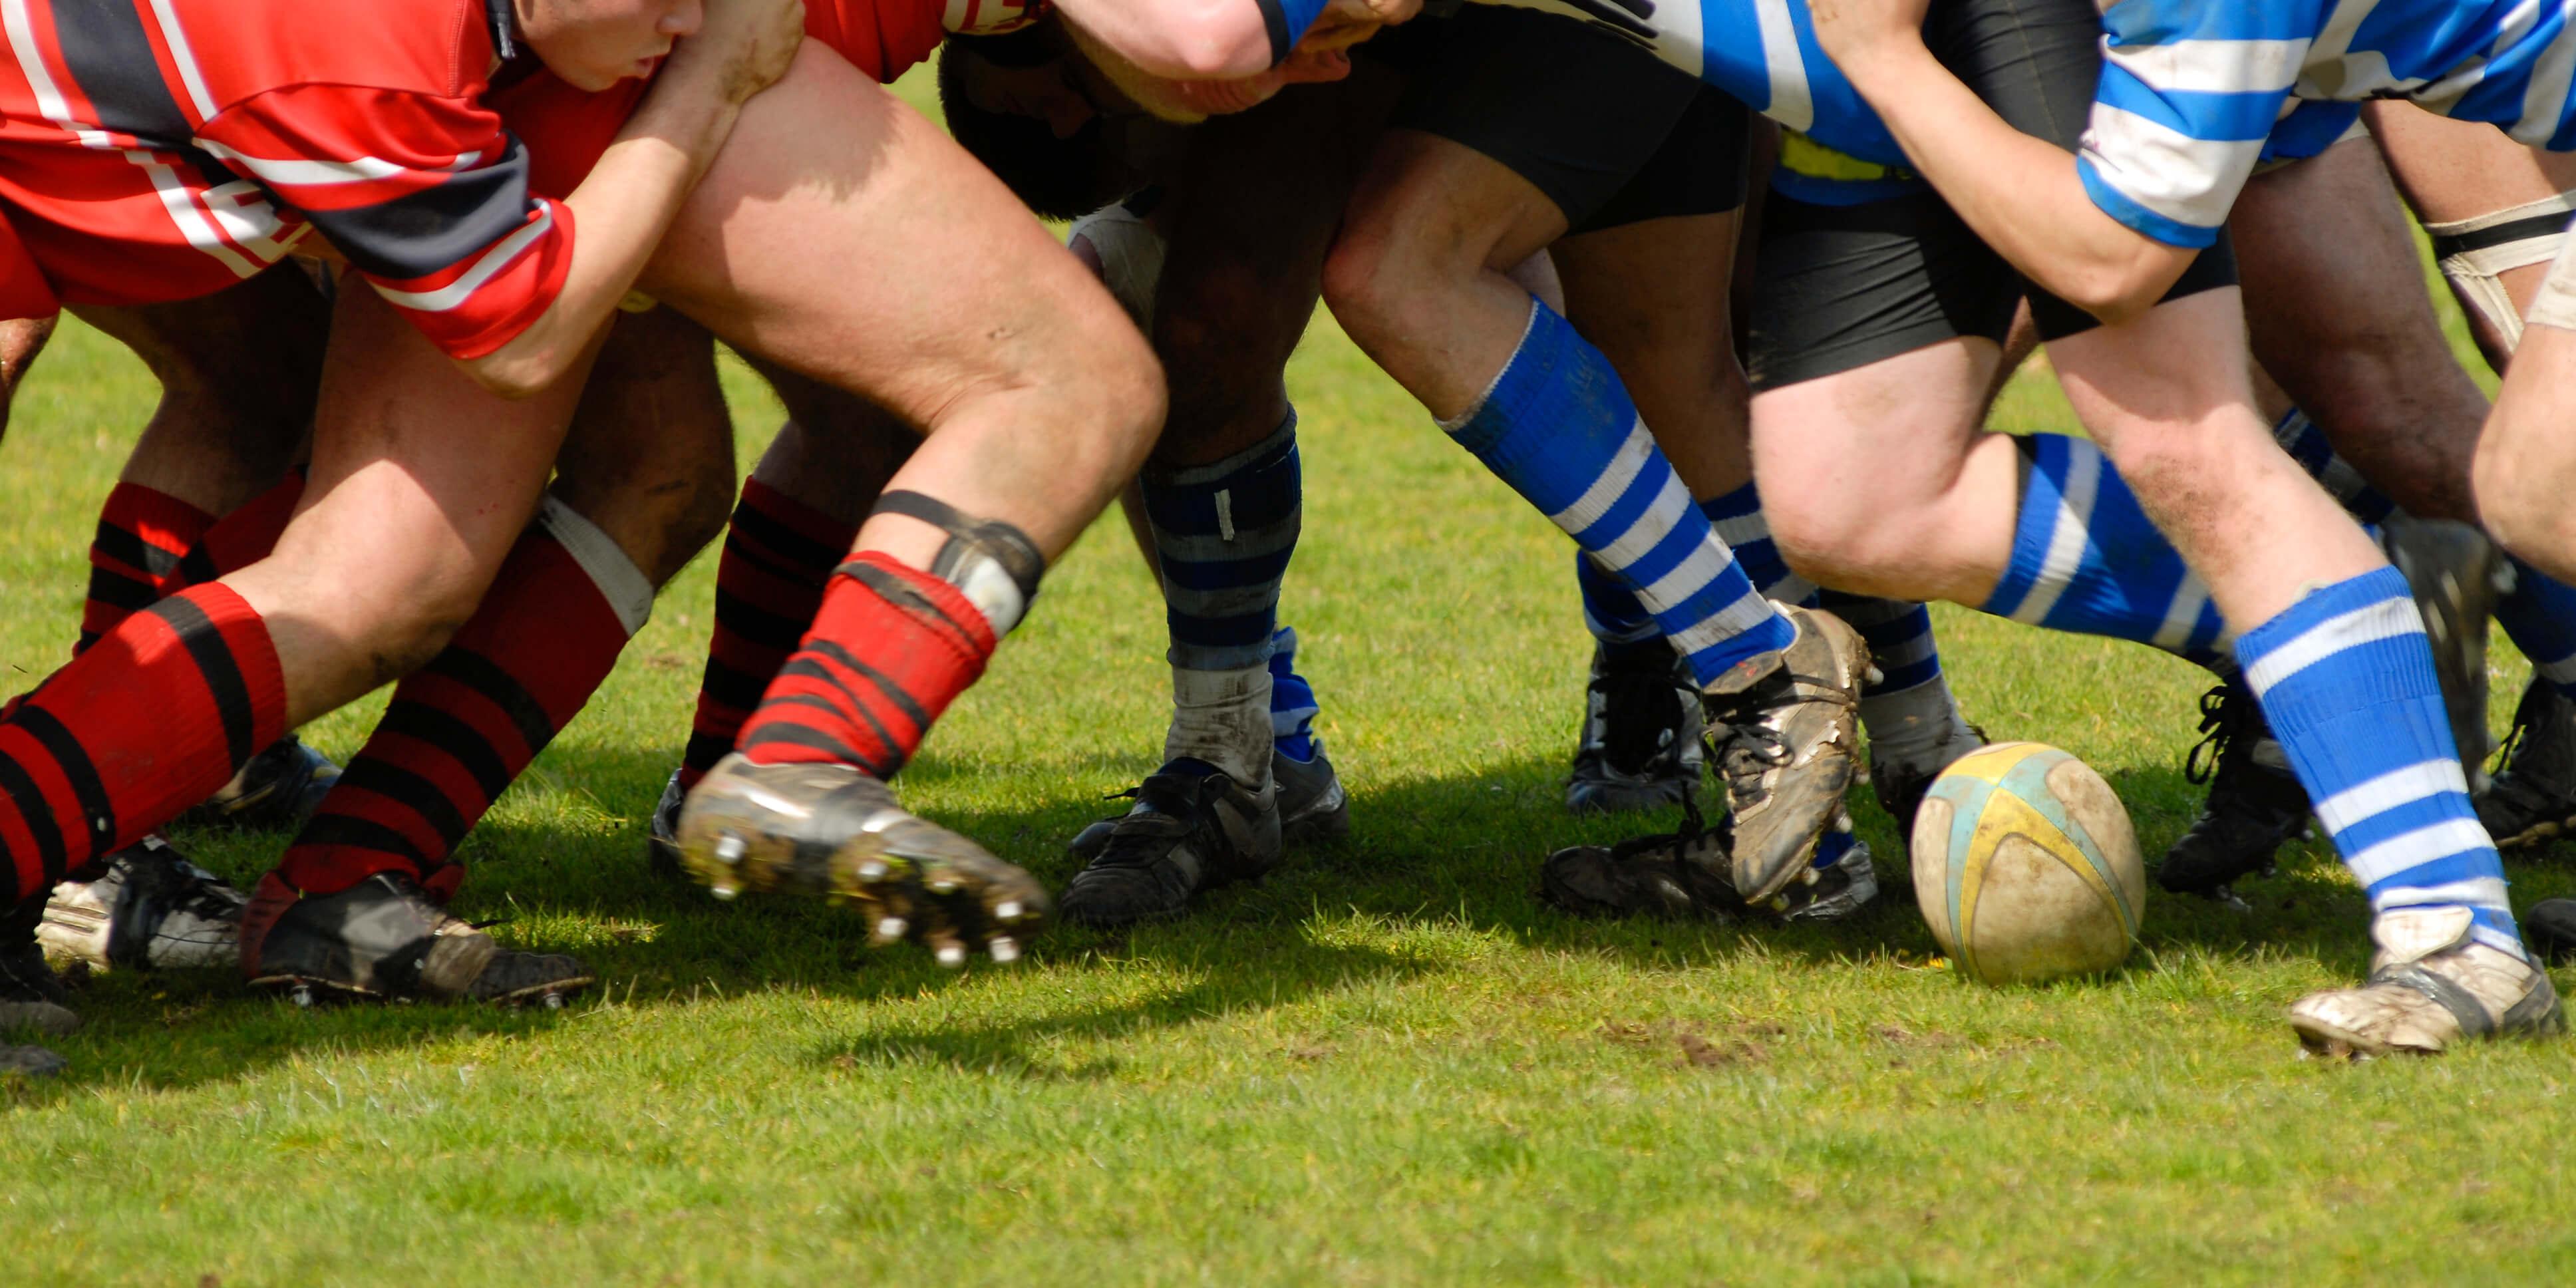 rugby, sport, scrum